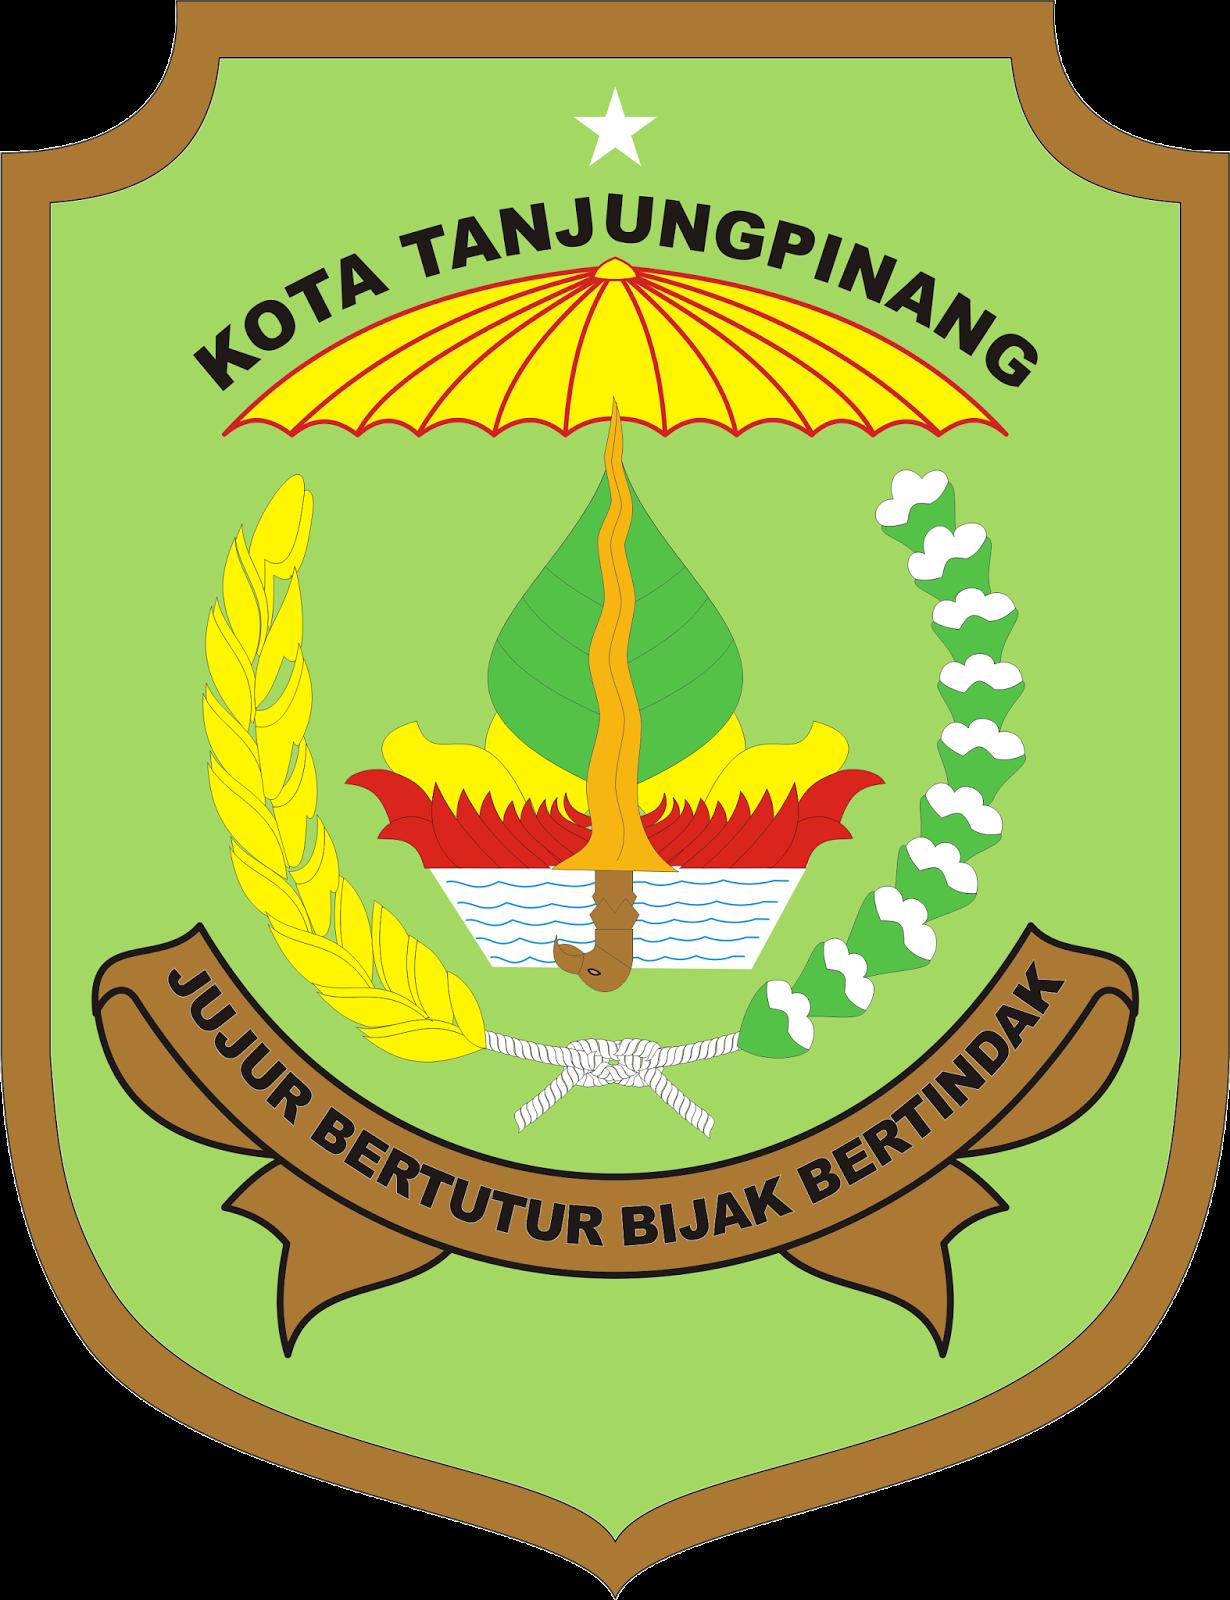 5 Kota Tanjung Pinang Kota Bijak